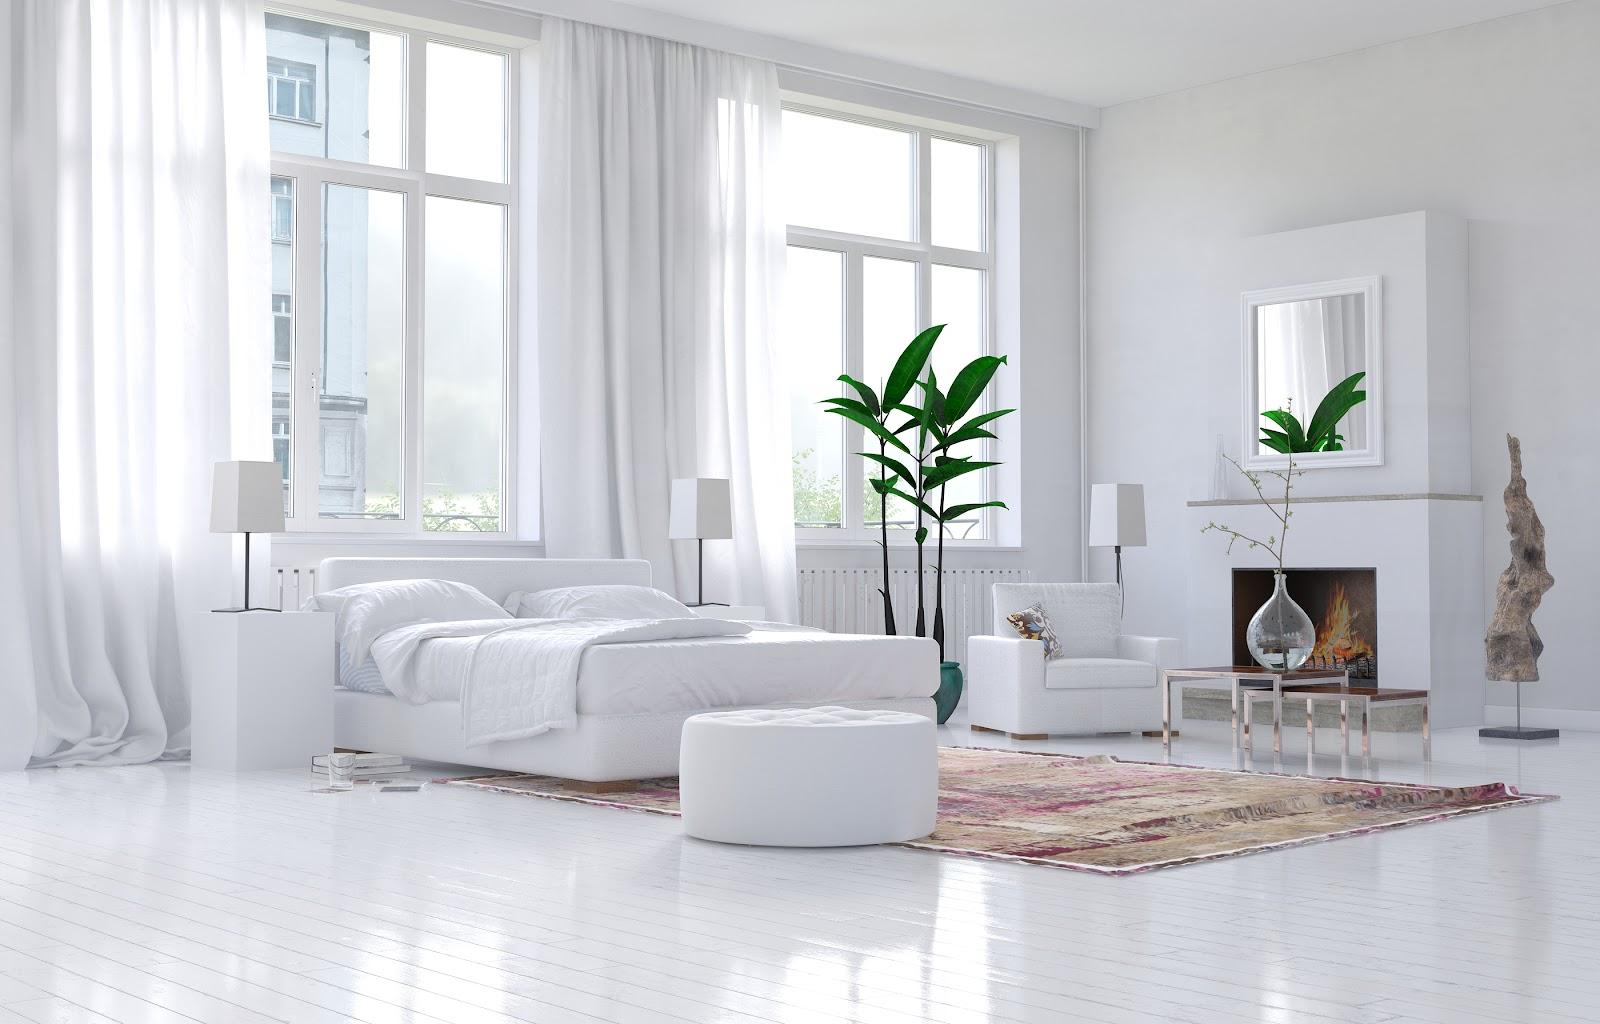 bigstock-Contemporary-spacious-white-be-94387691.jpg